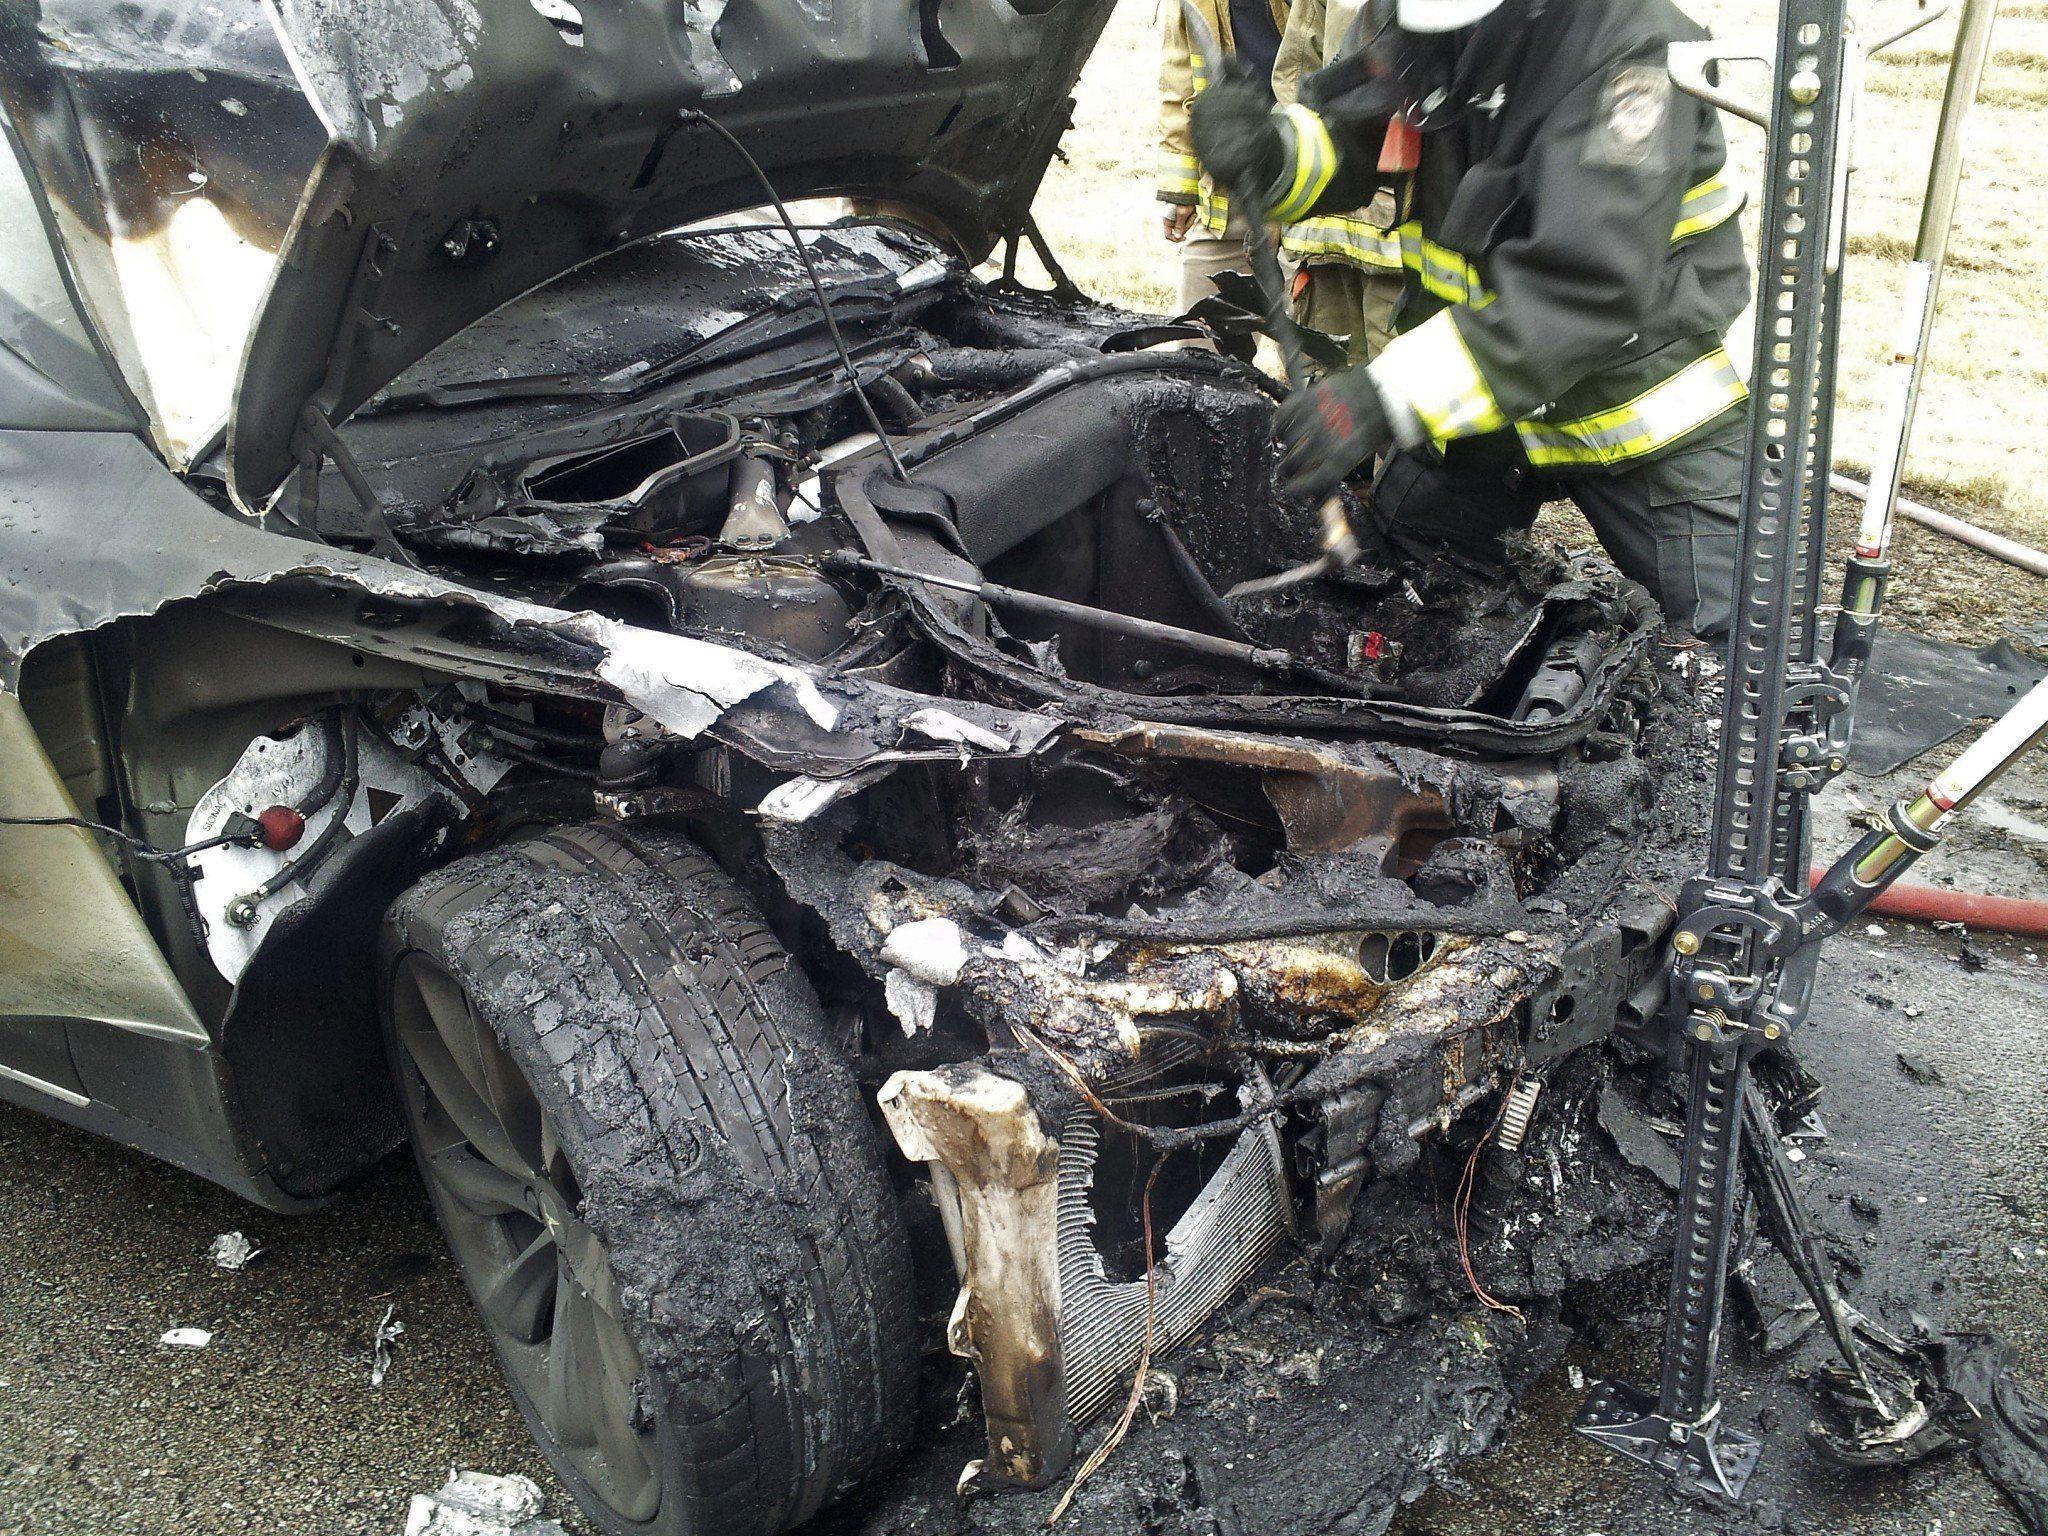 In dieser Woche geriet erneut ein Elektroauto der marke Tesla in Brand.